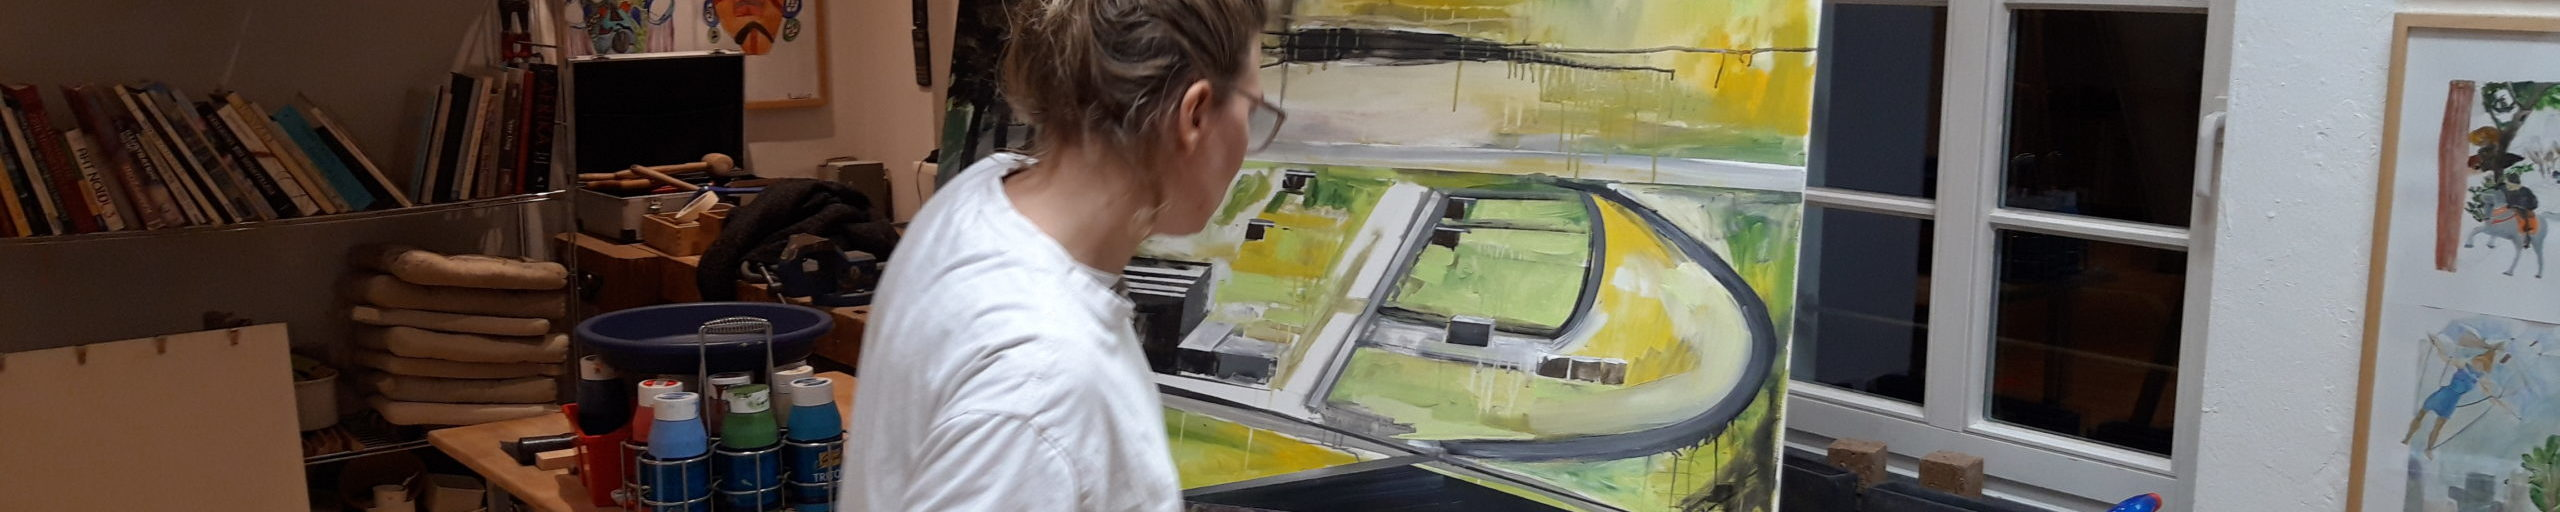 Kathi Berndt